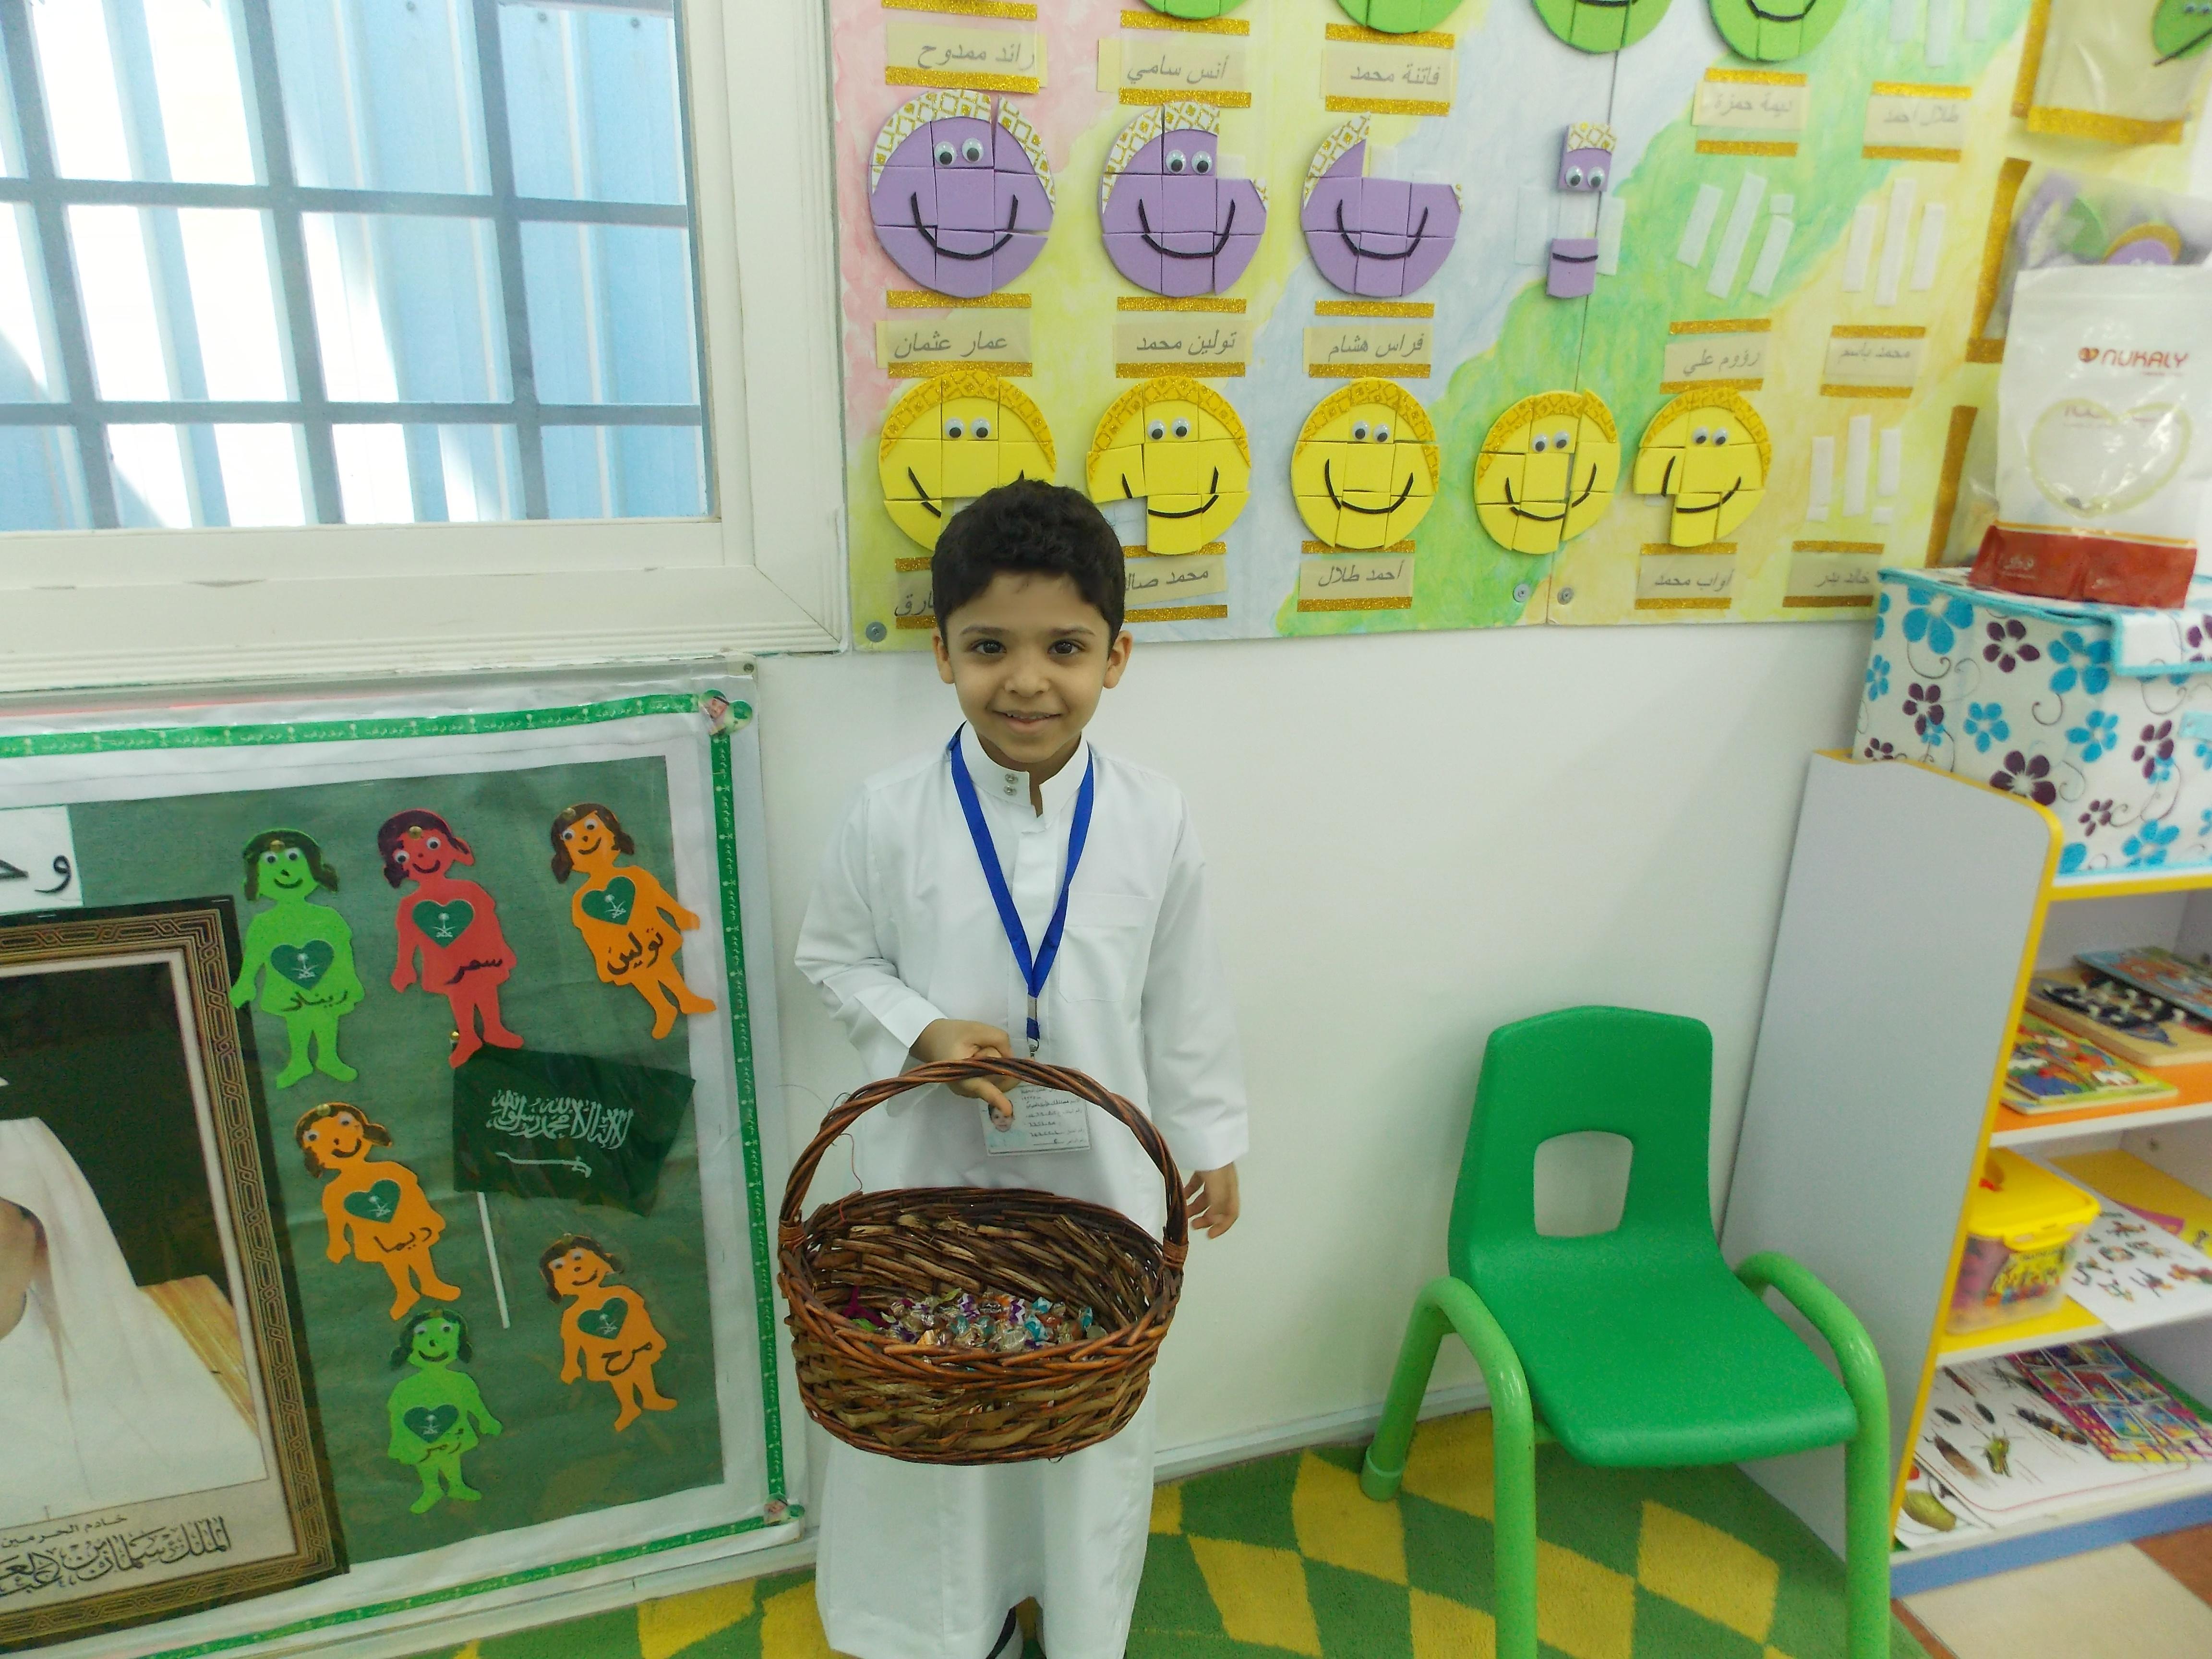 مشاركة الطالب عبد الملك الحربي قسم رياض الأطفال